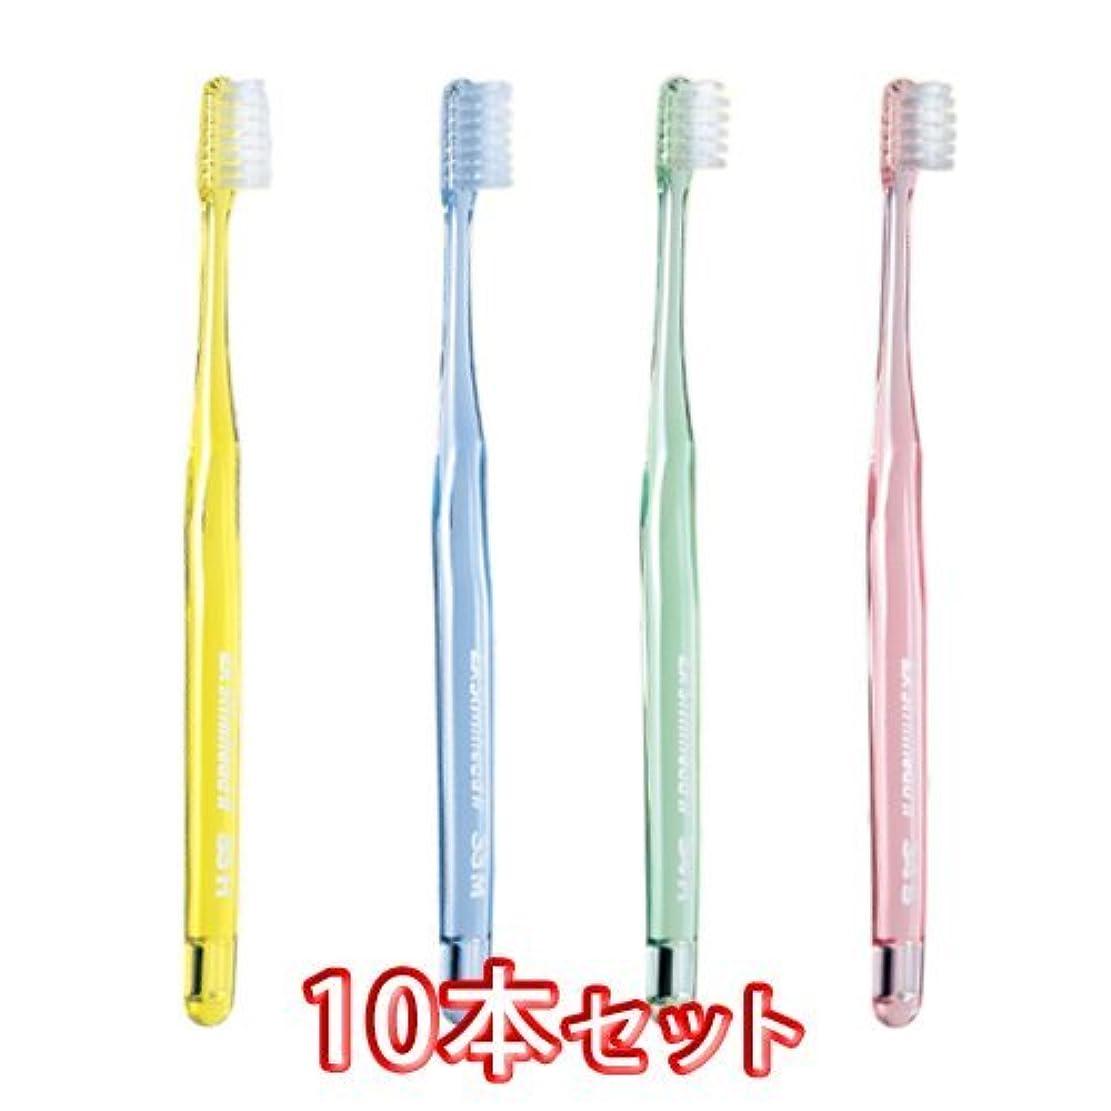 難しい処方するパイプラインライオン スリムヘッド2 歯ブラシ 10本セット (34H)